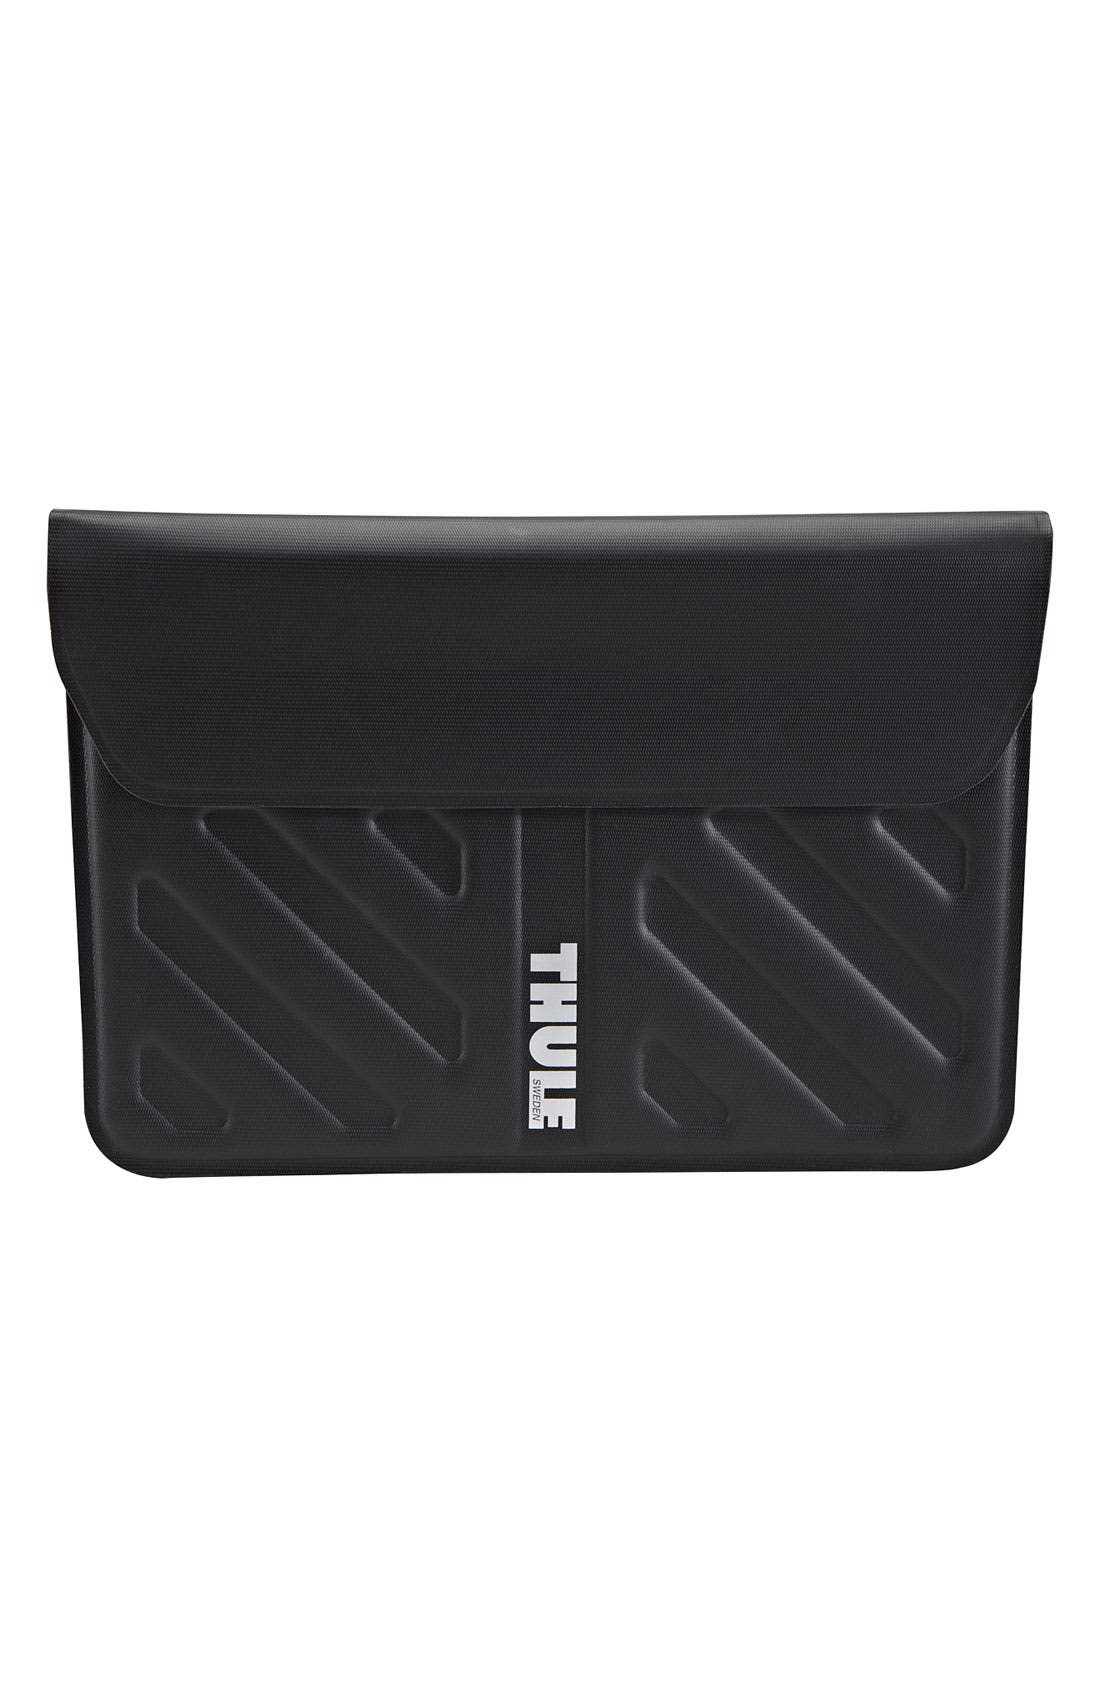 Alternate Image 1 Selected - Thule MacBook Air Sleeve (13 Inch)